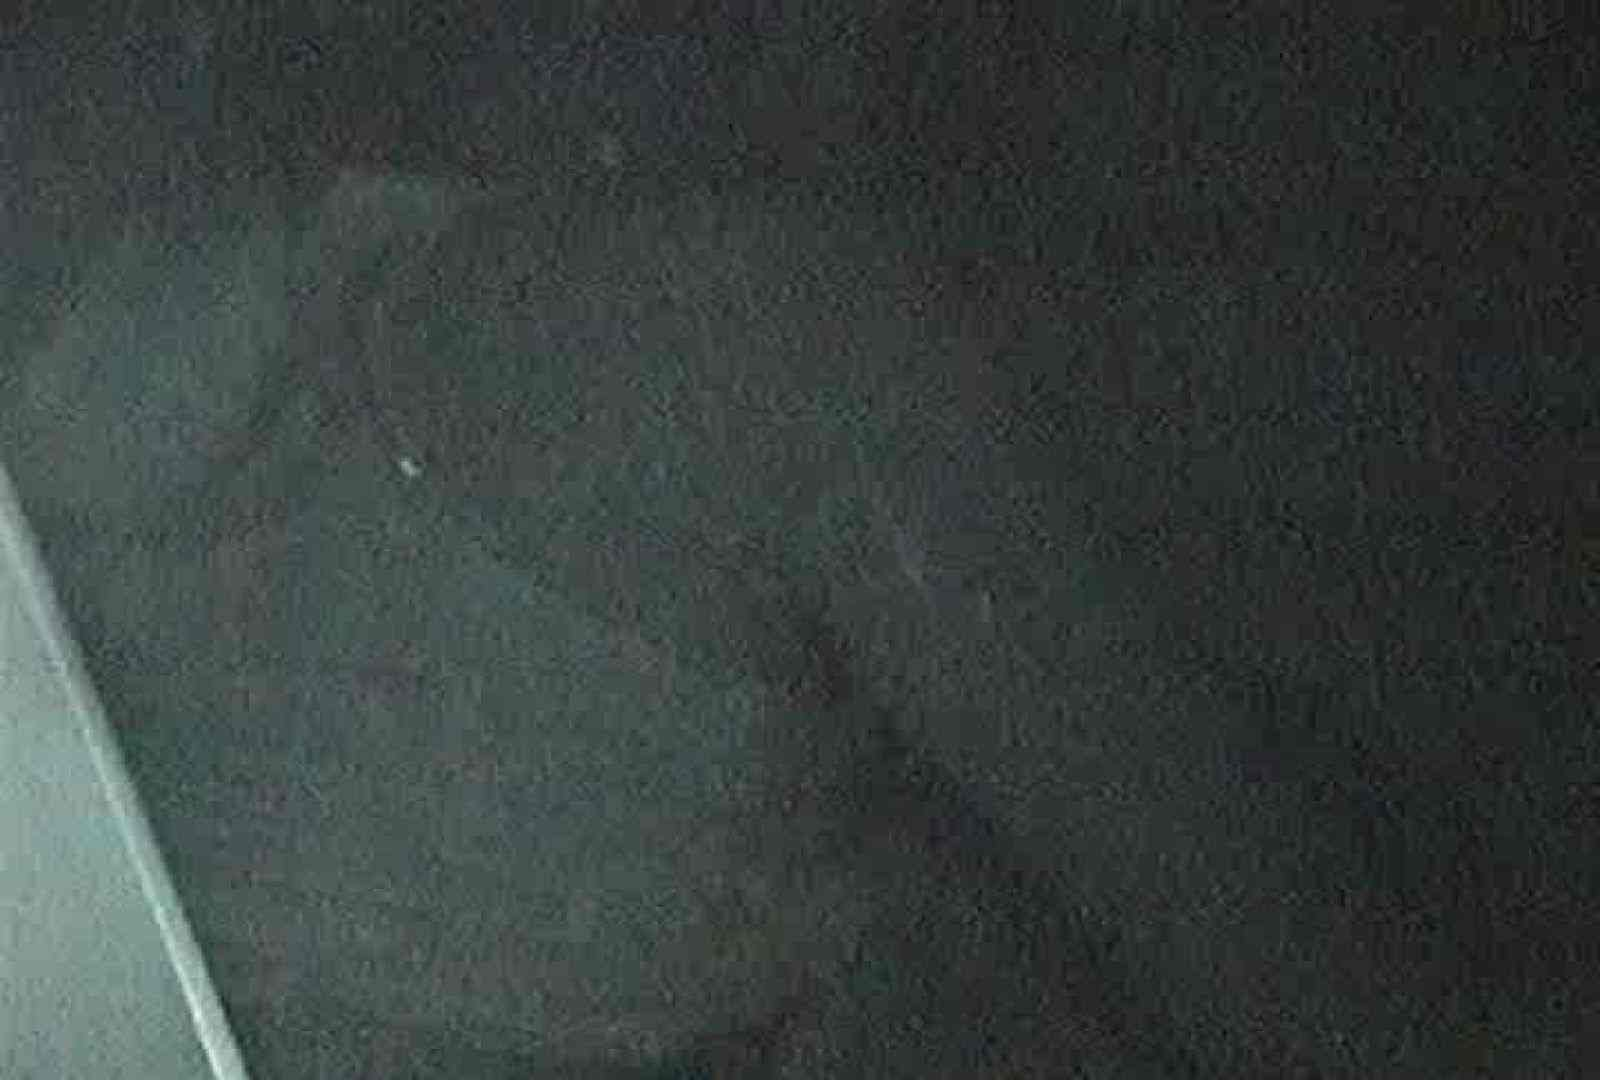 充血監督の深夜の運動会Vol.67 濃厚セックス  92PICs 52